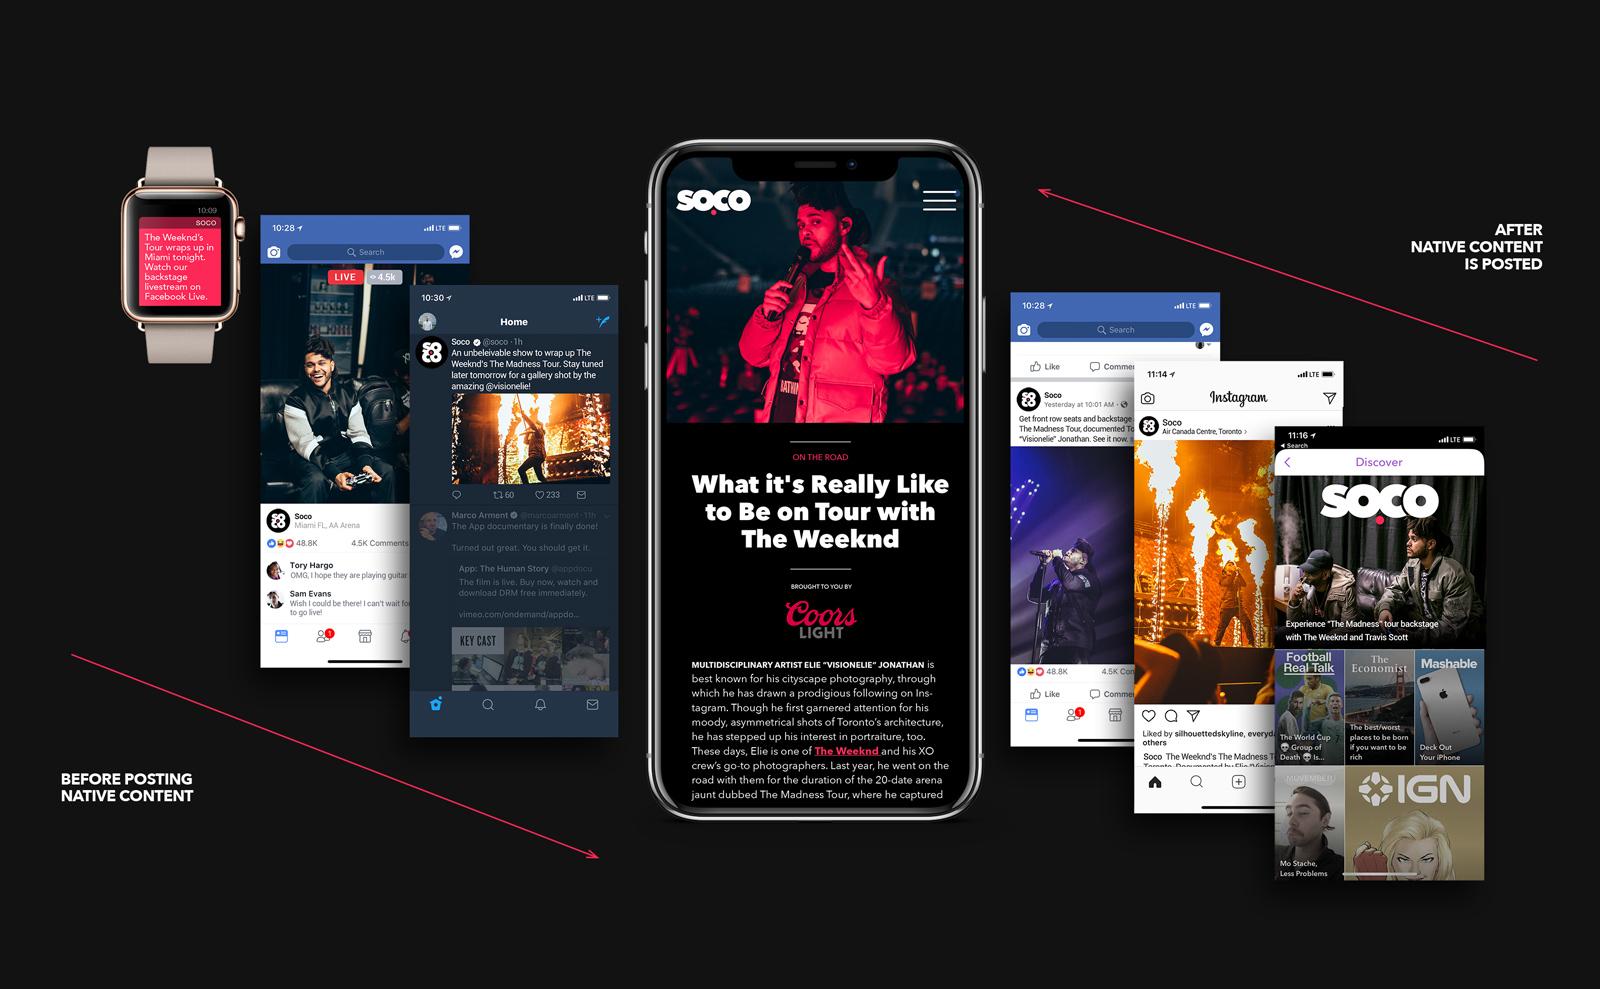 Soco social media design strategy